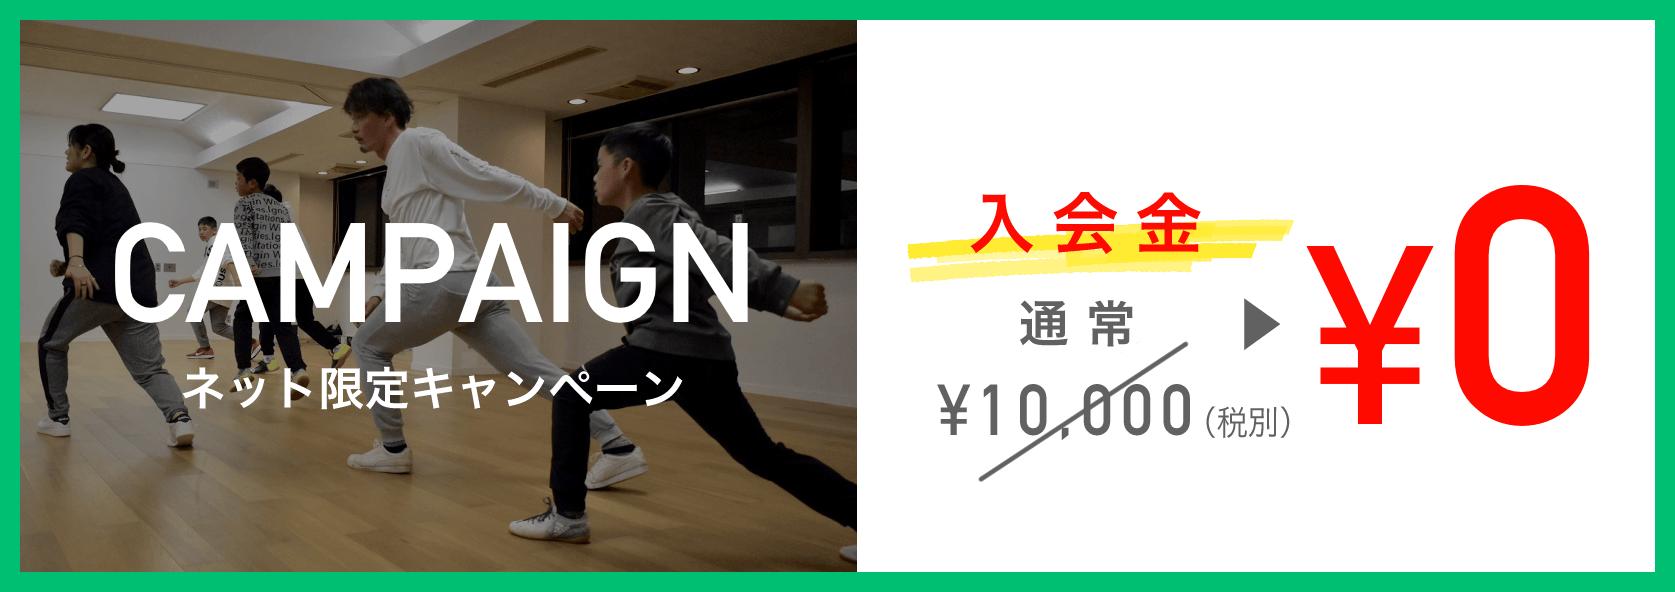 ネット限定キャンペーン 入会金0円